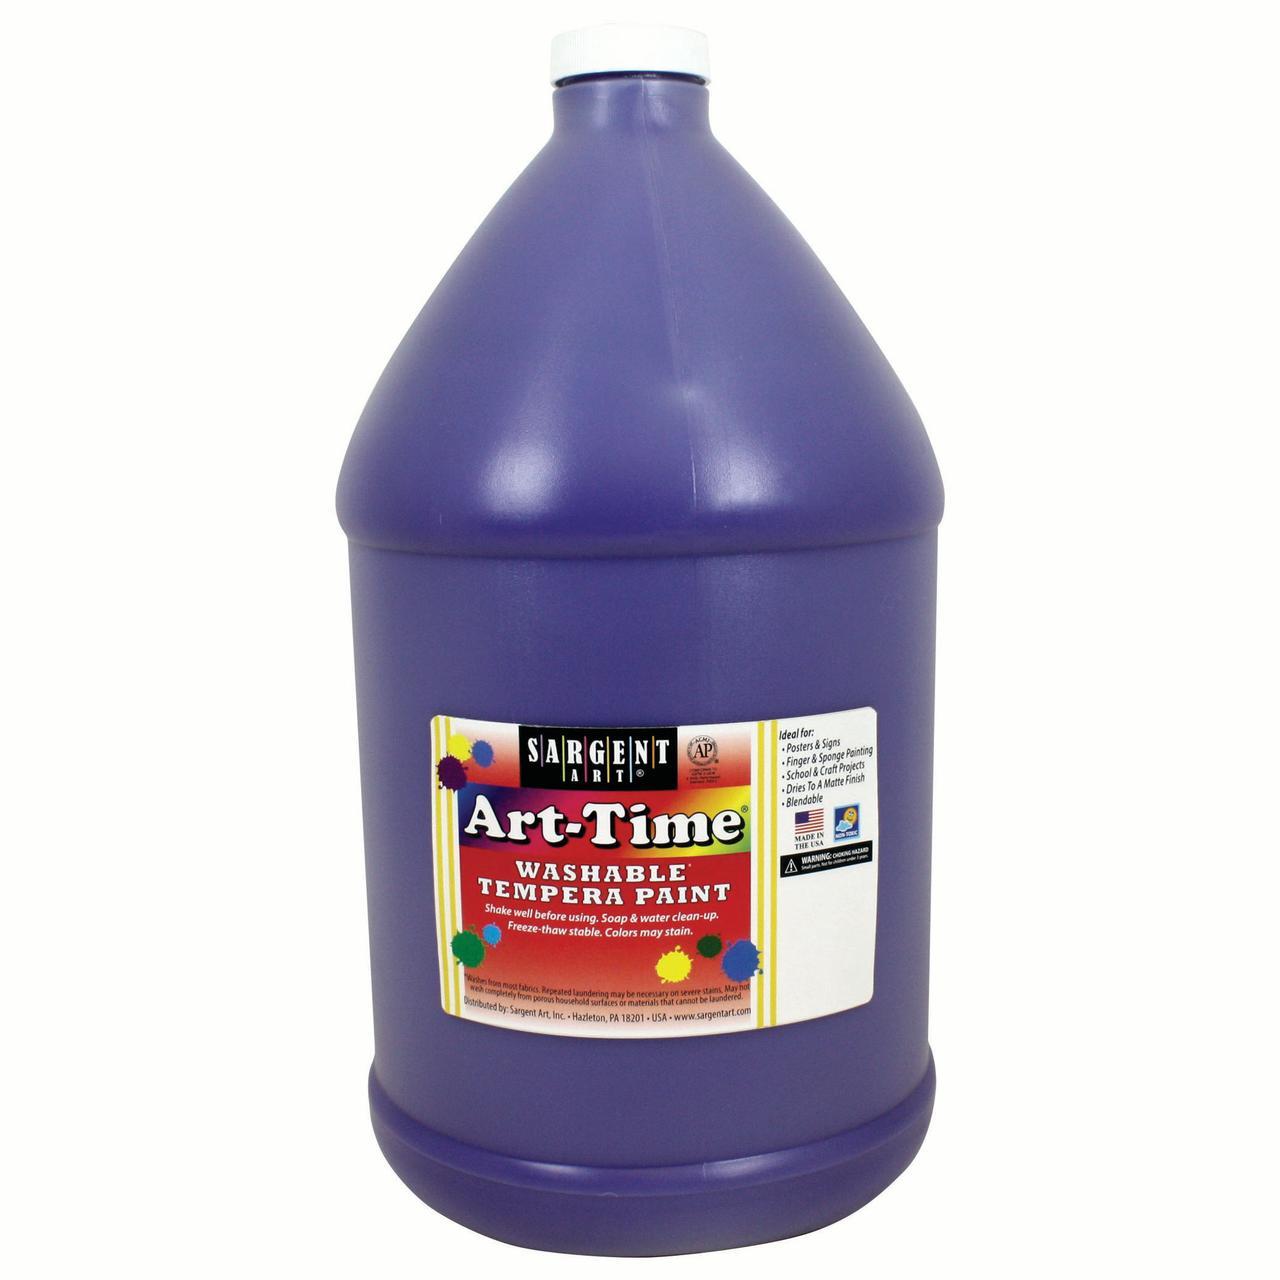 Art-Time® Washable Tempera Paint, Violet - Gallon